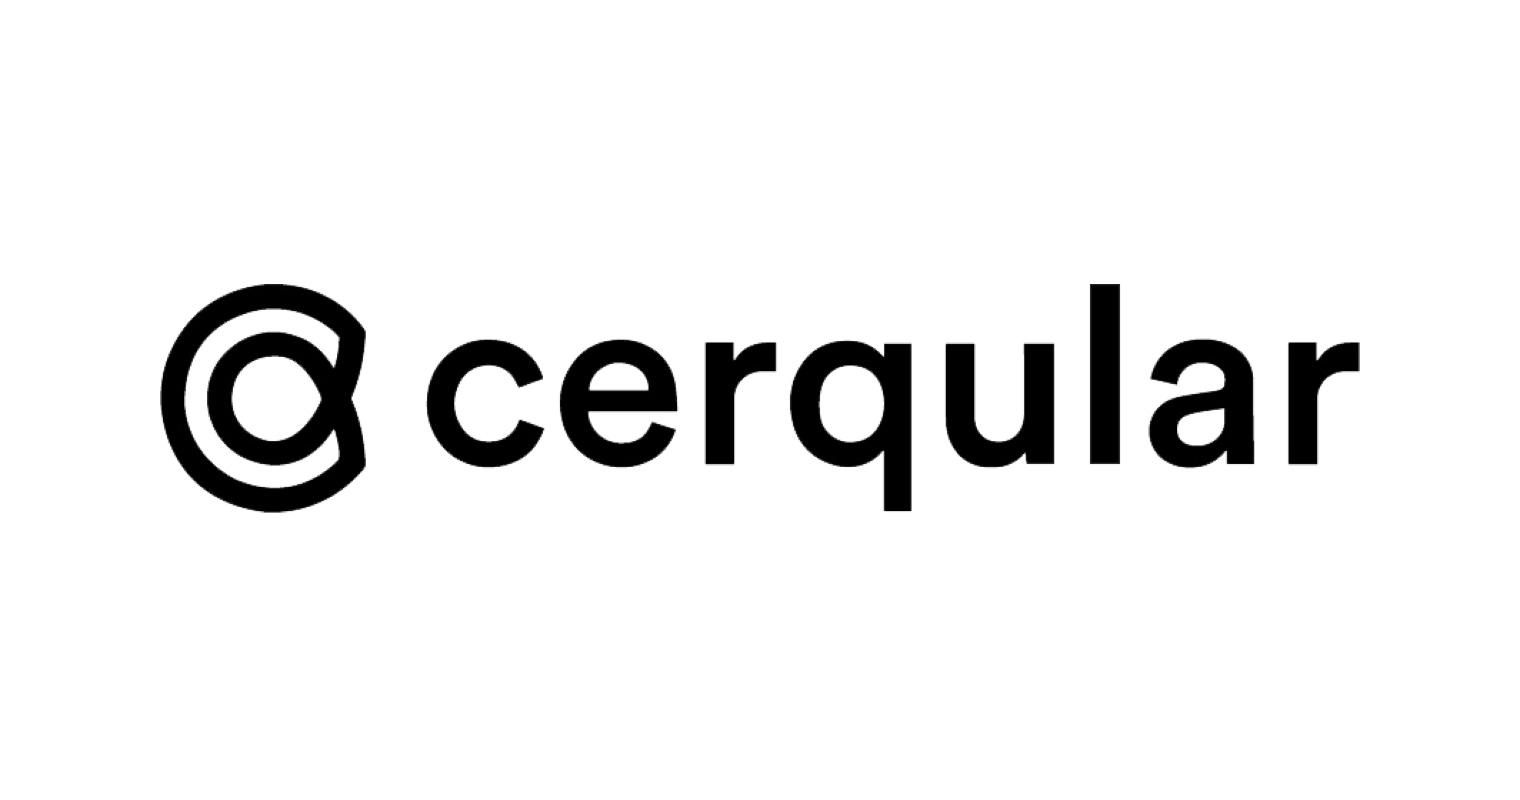 Cerqular